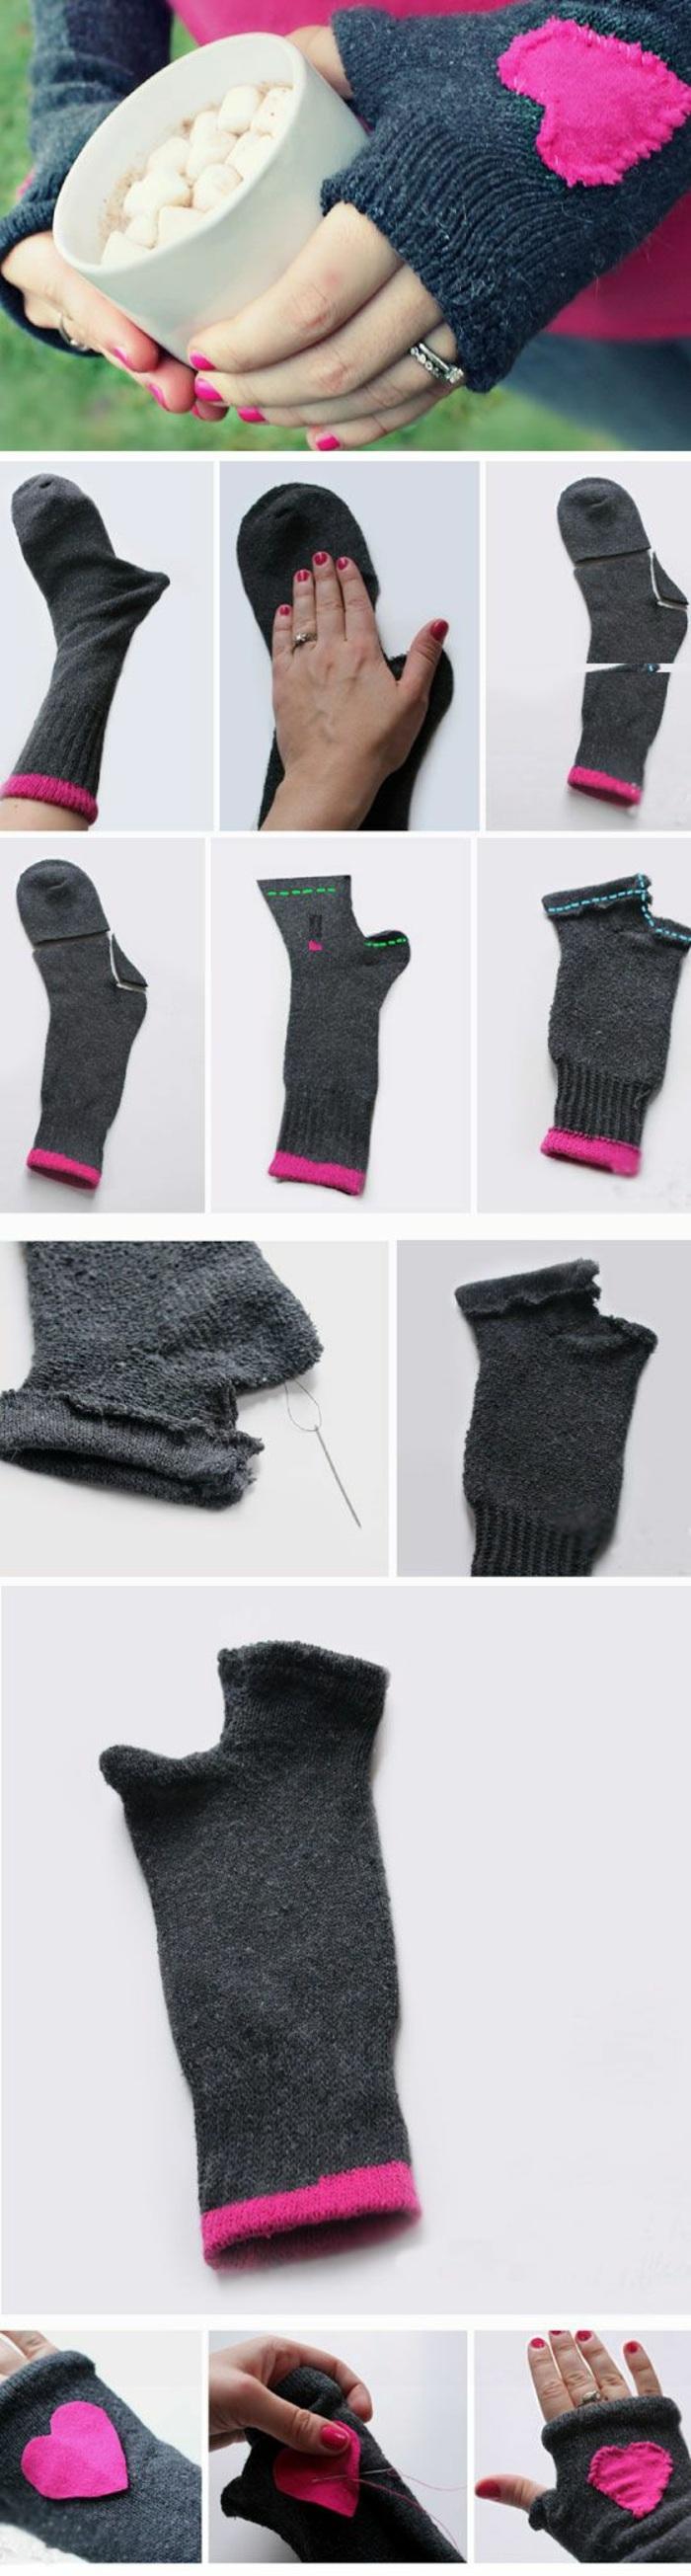 esempio di oggetti fai da te frutto di un riciclo creativo, un calzino trasformato in guanto